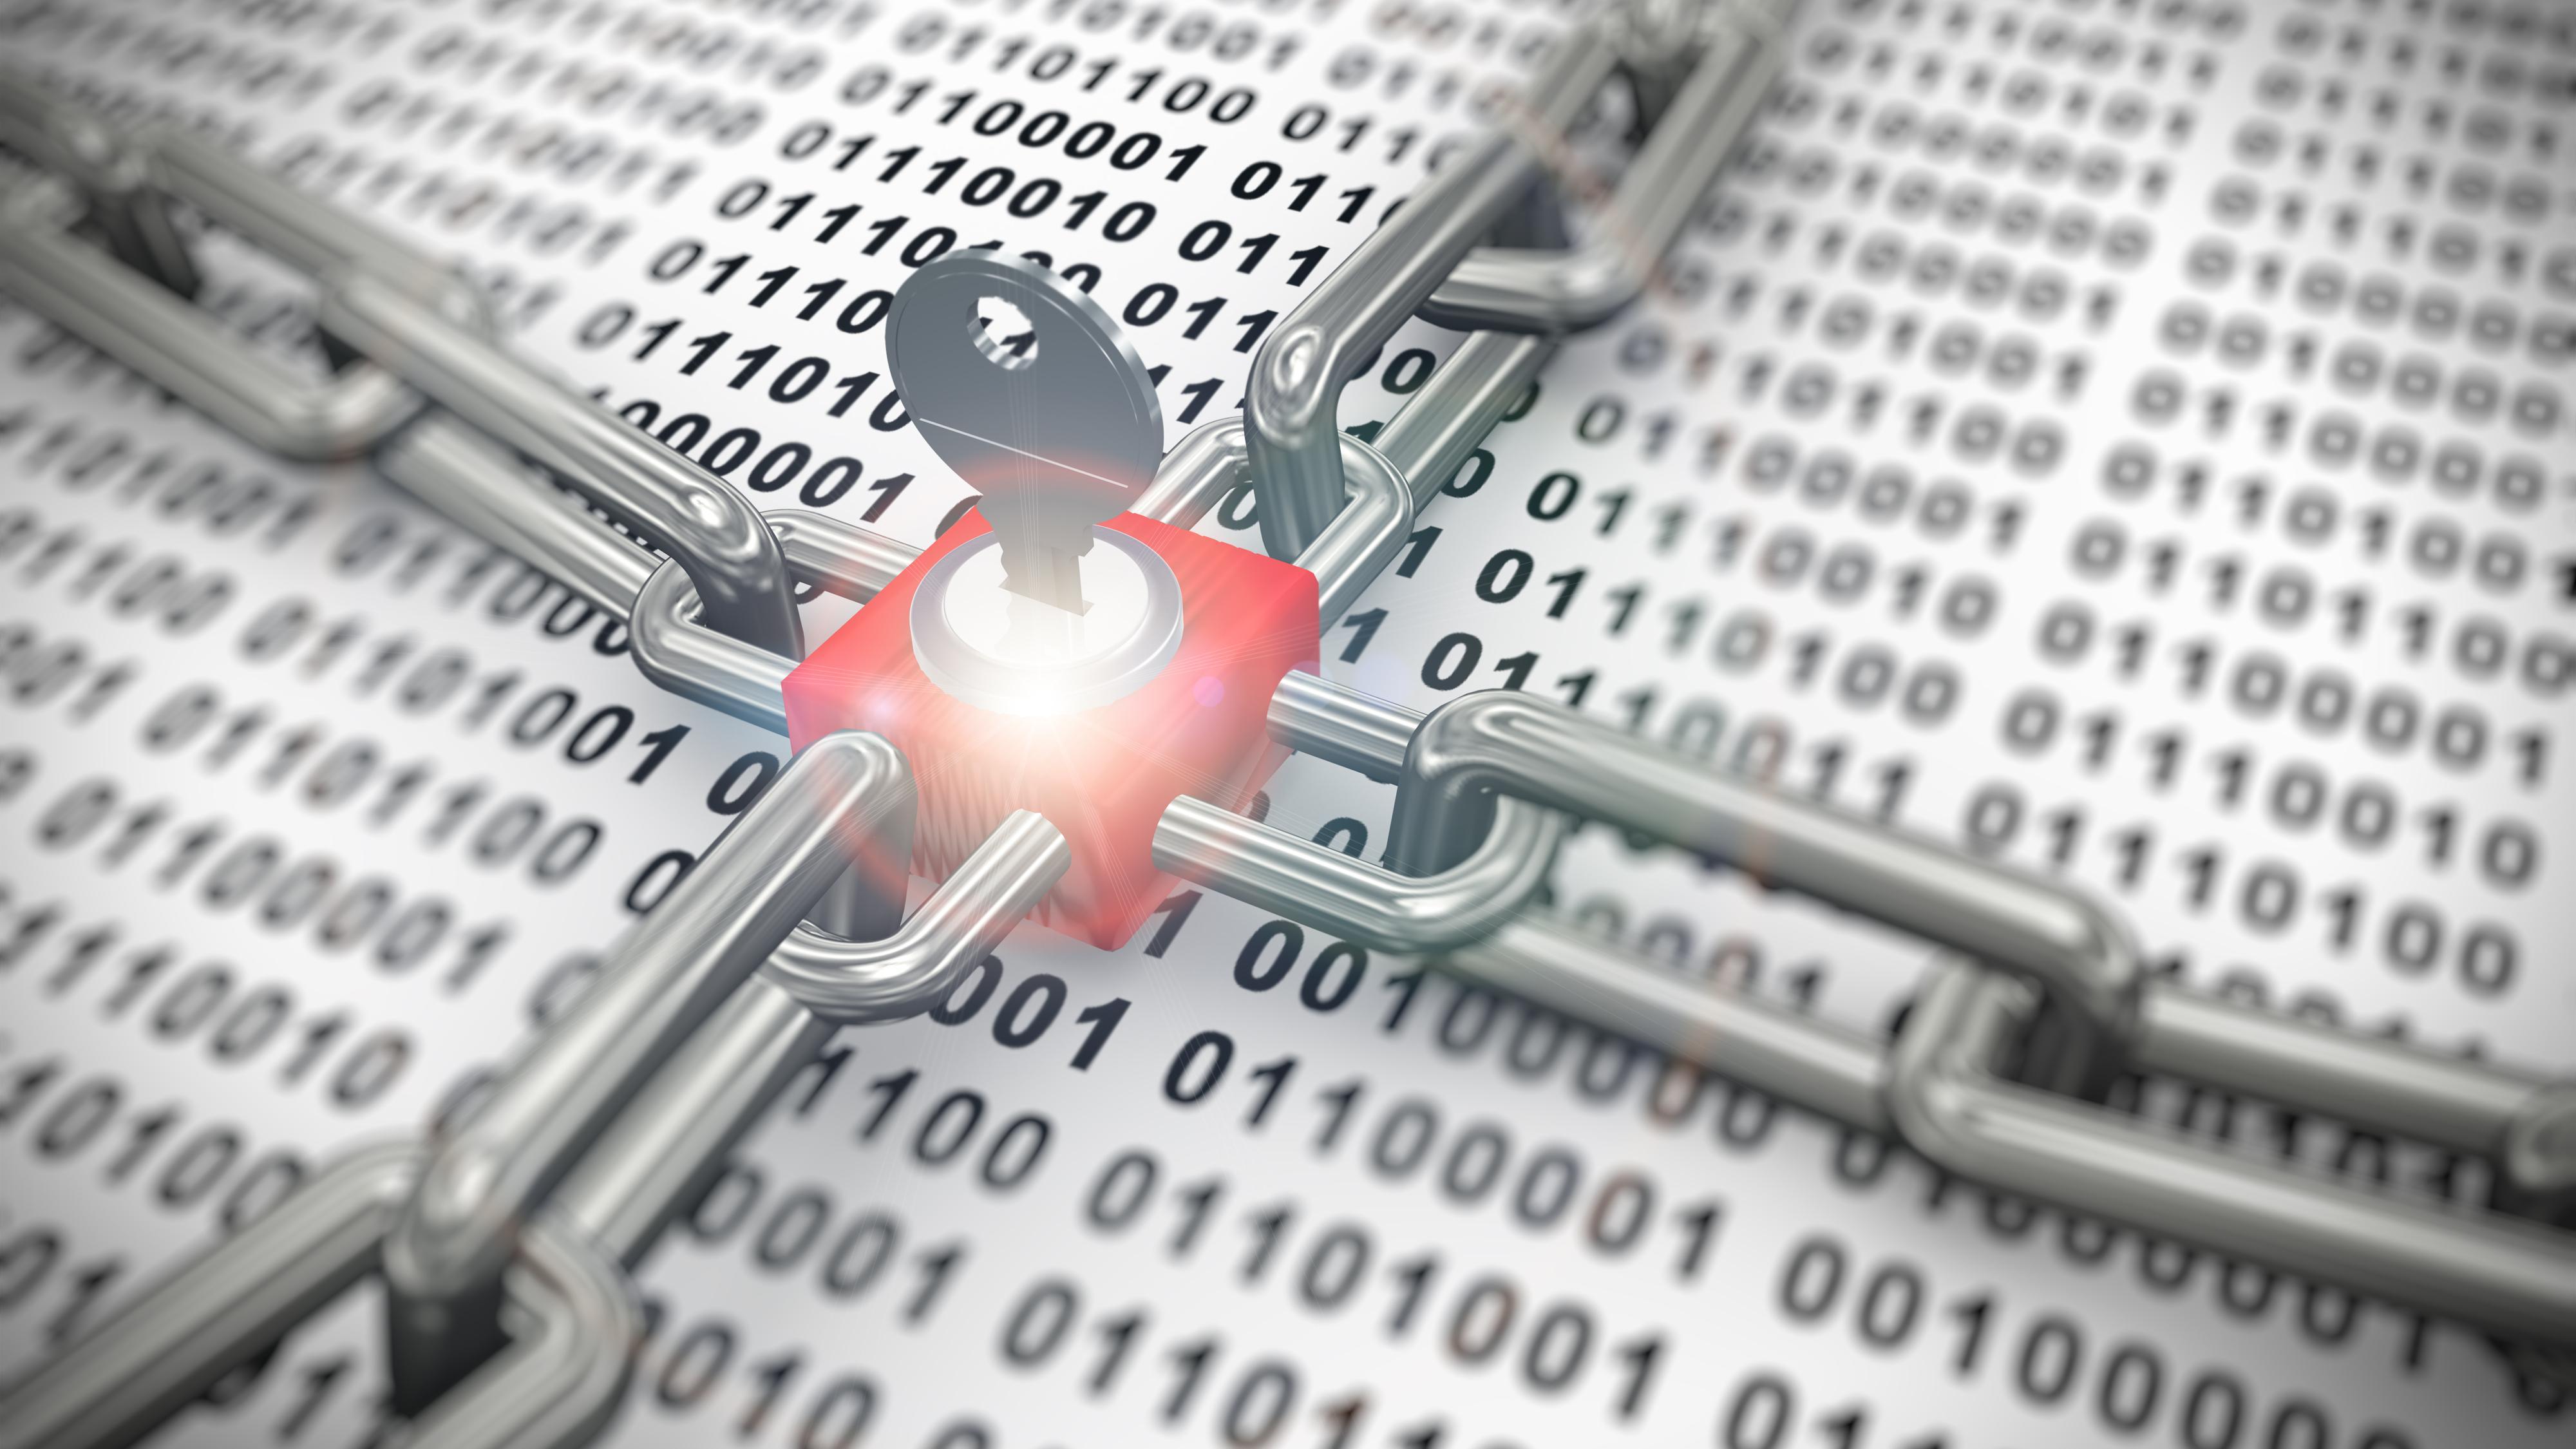 Endelig har man tatt knekken på programvaren som krypterer filer og krever løsepenger